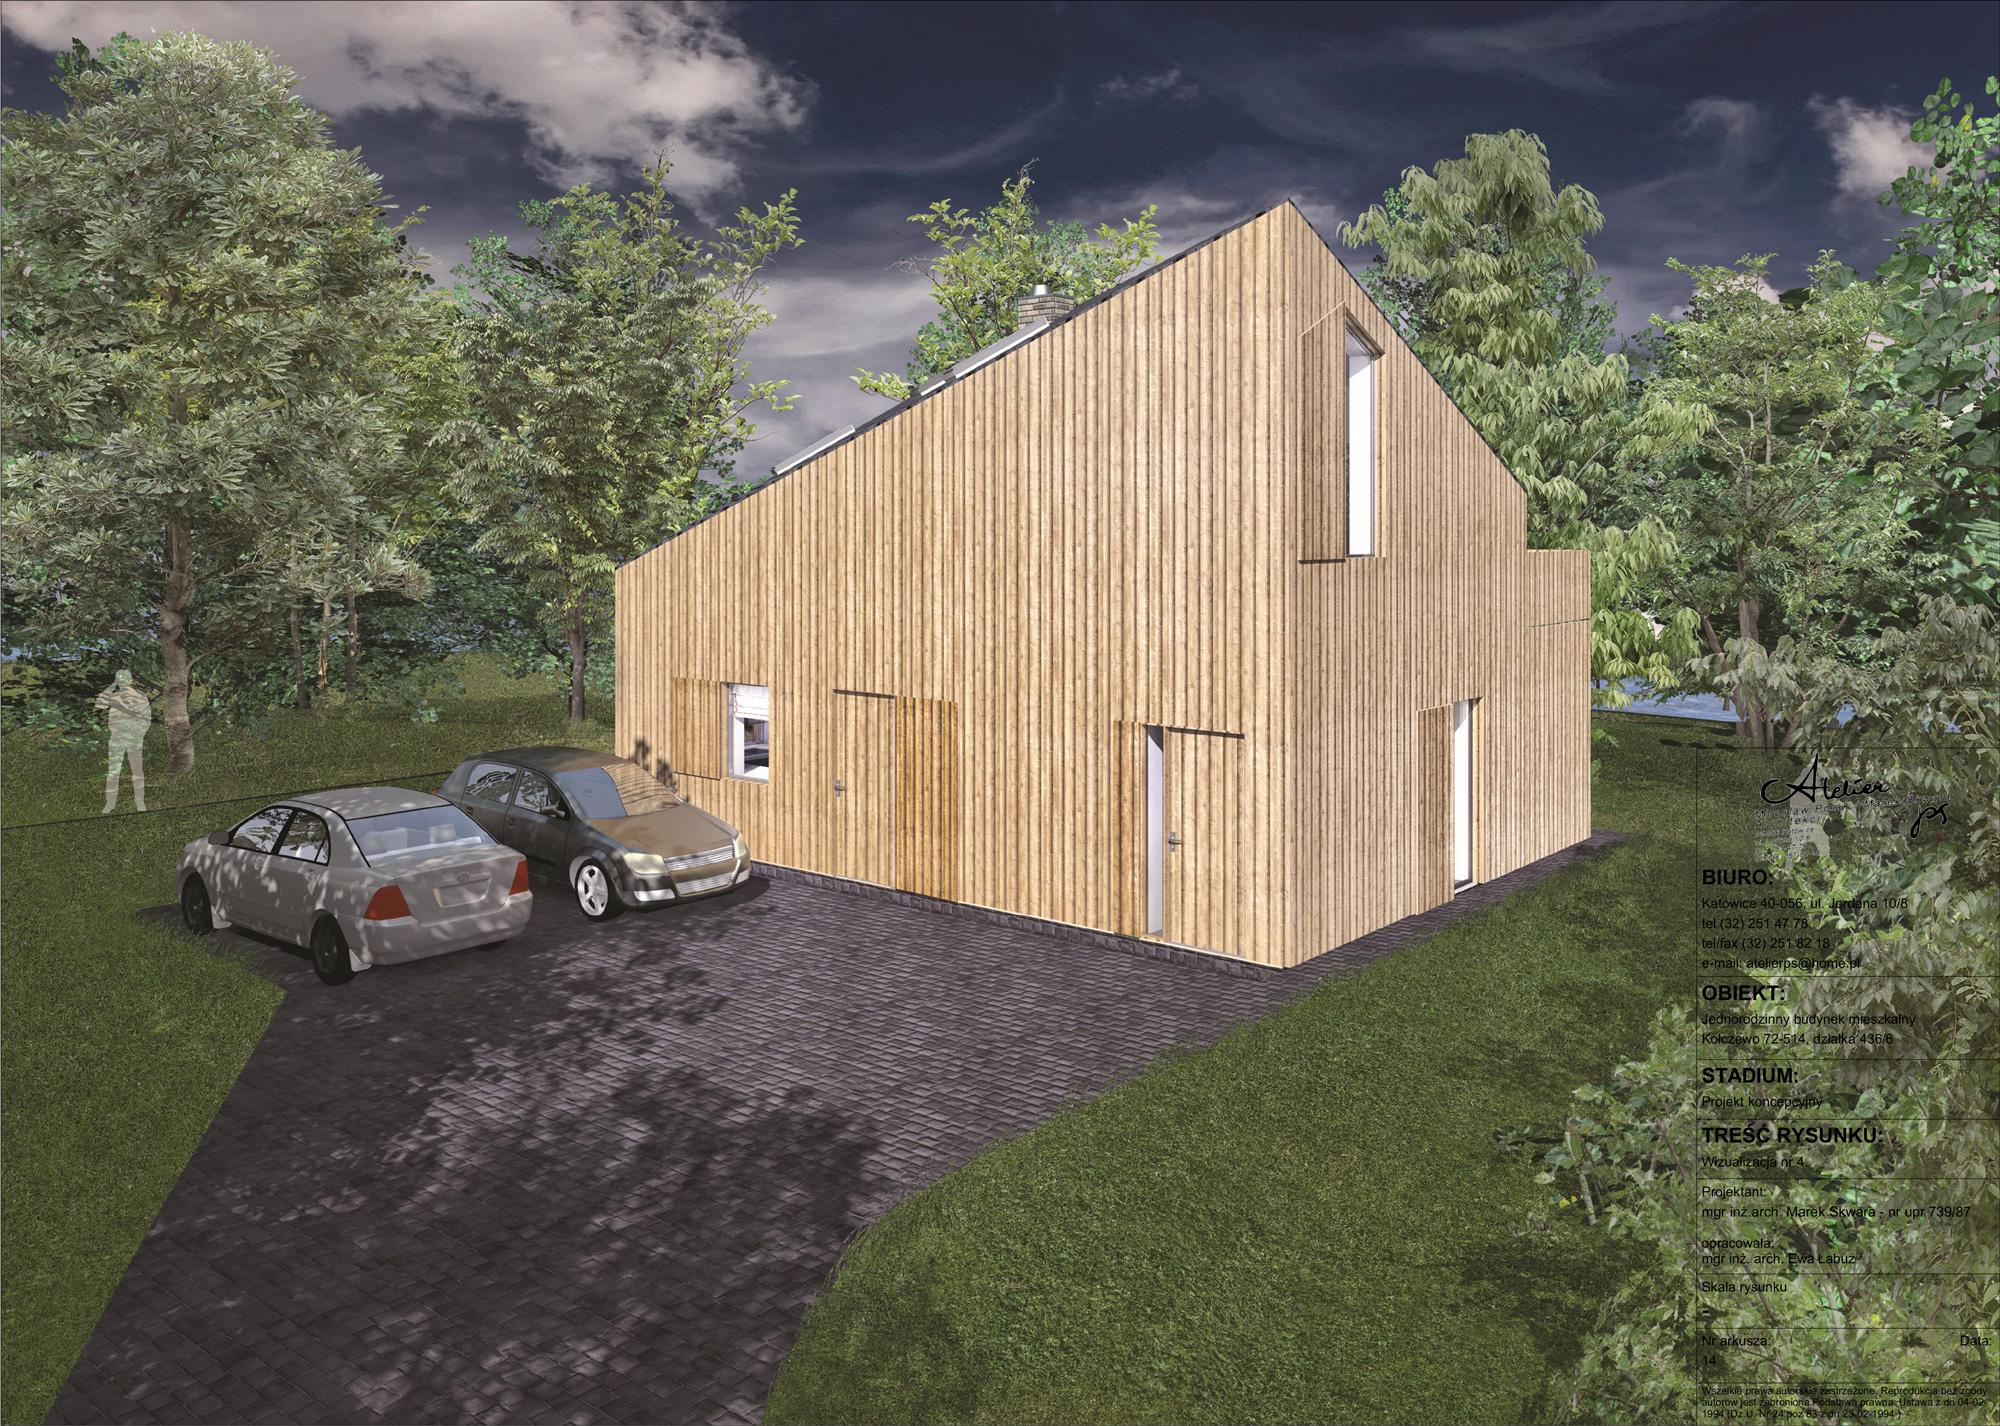 dom weekendowy, biuro projektow, drewno, zielen, wypoczynek